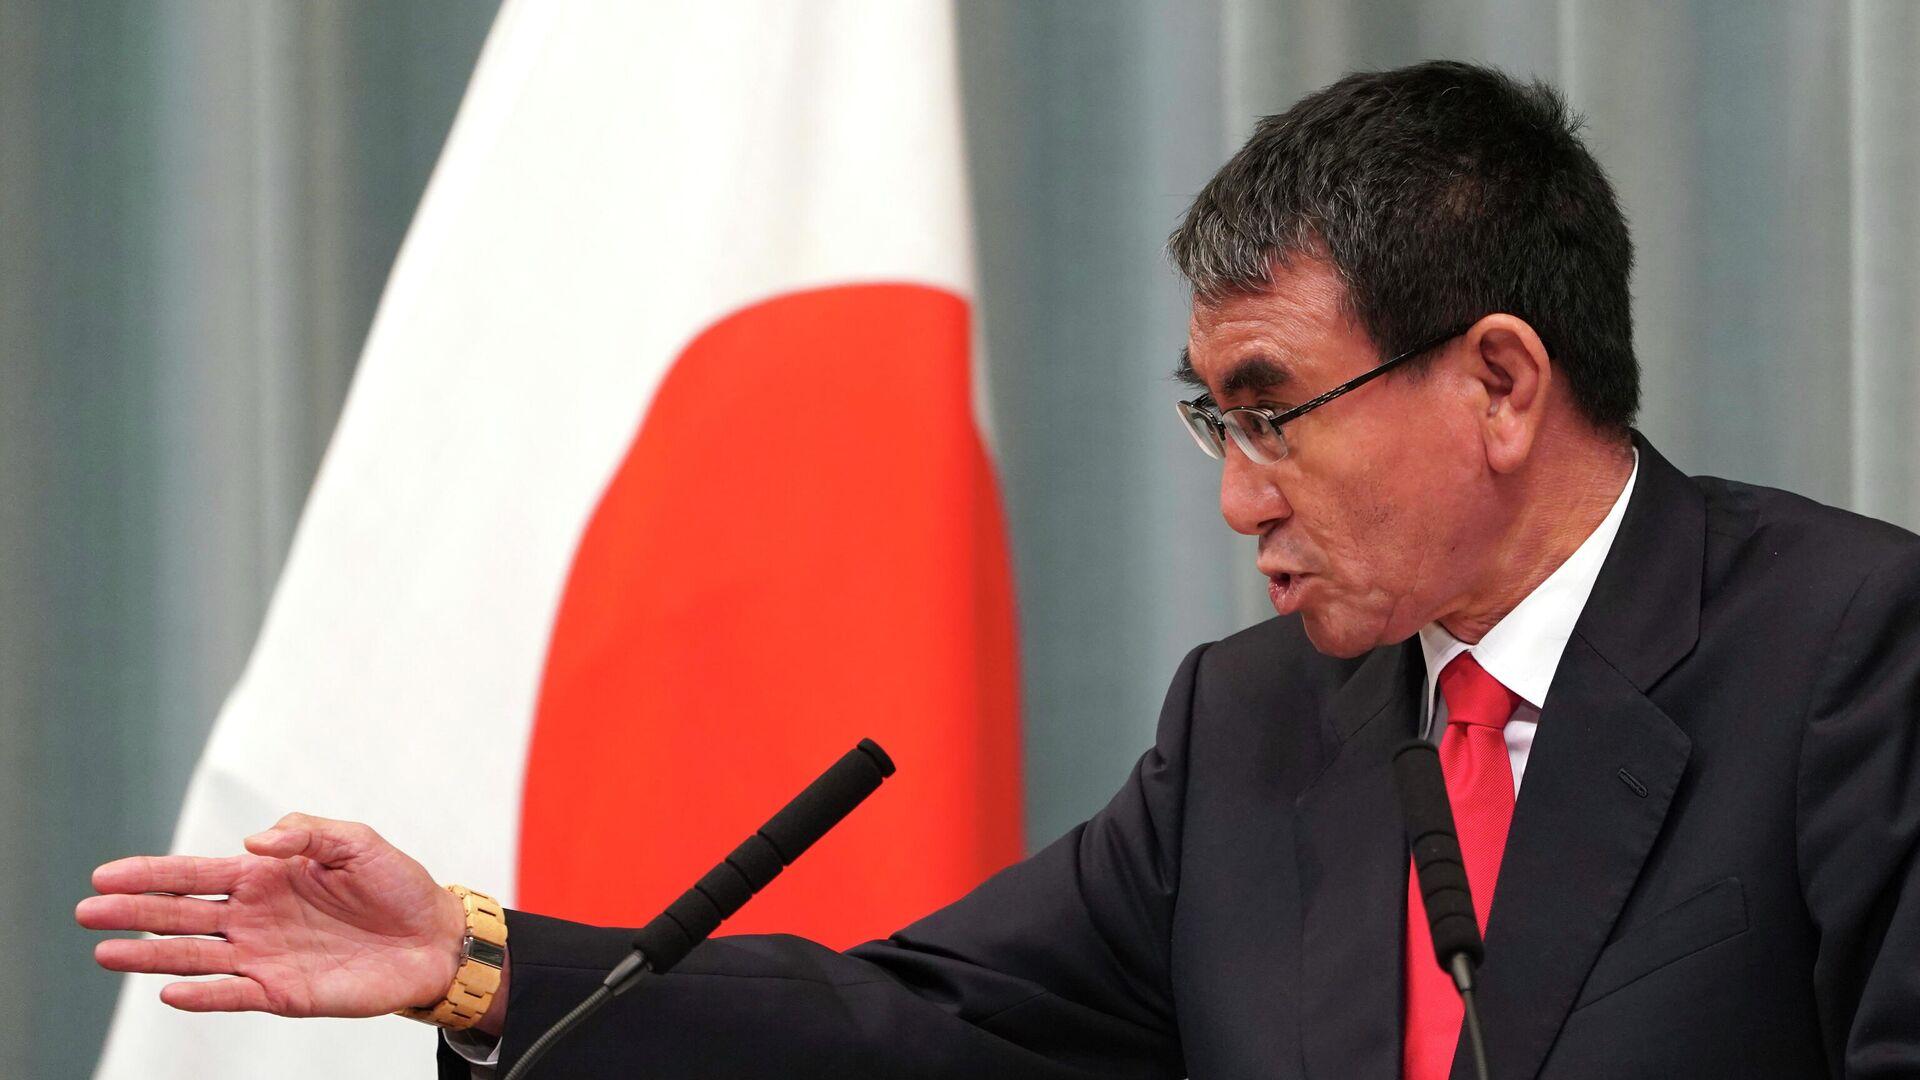 Министр обороны Таро Коно выступает на пресс-конференции в Токио. 11 сентября 2019 - РИА Новости, 1920, 17.09.2021